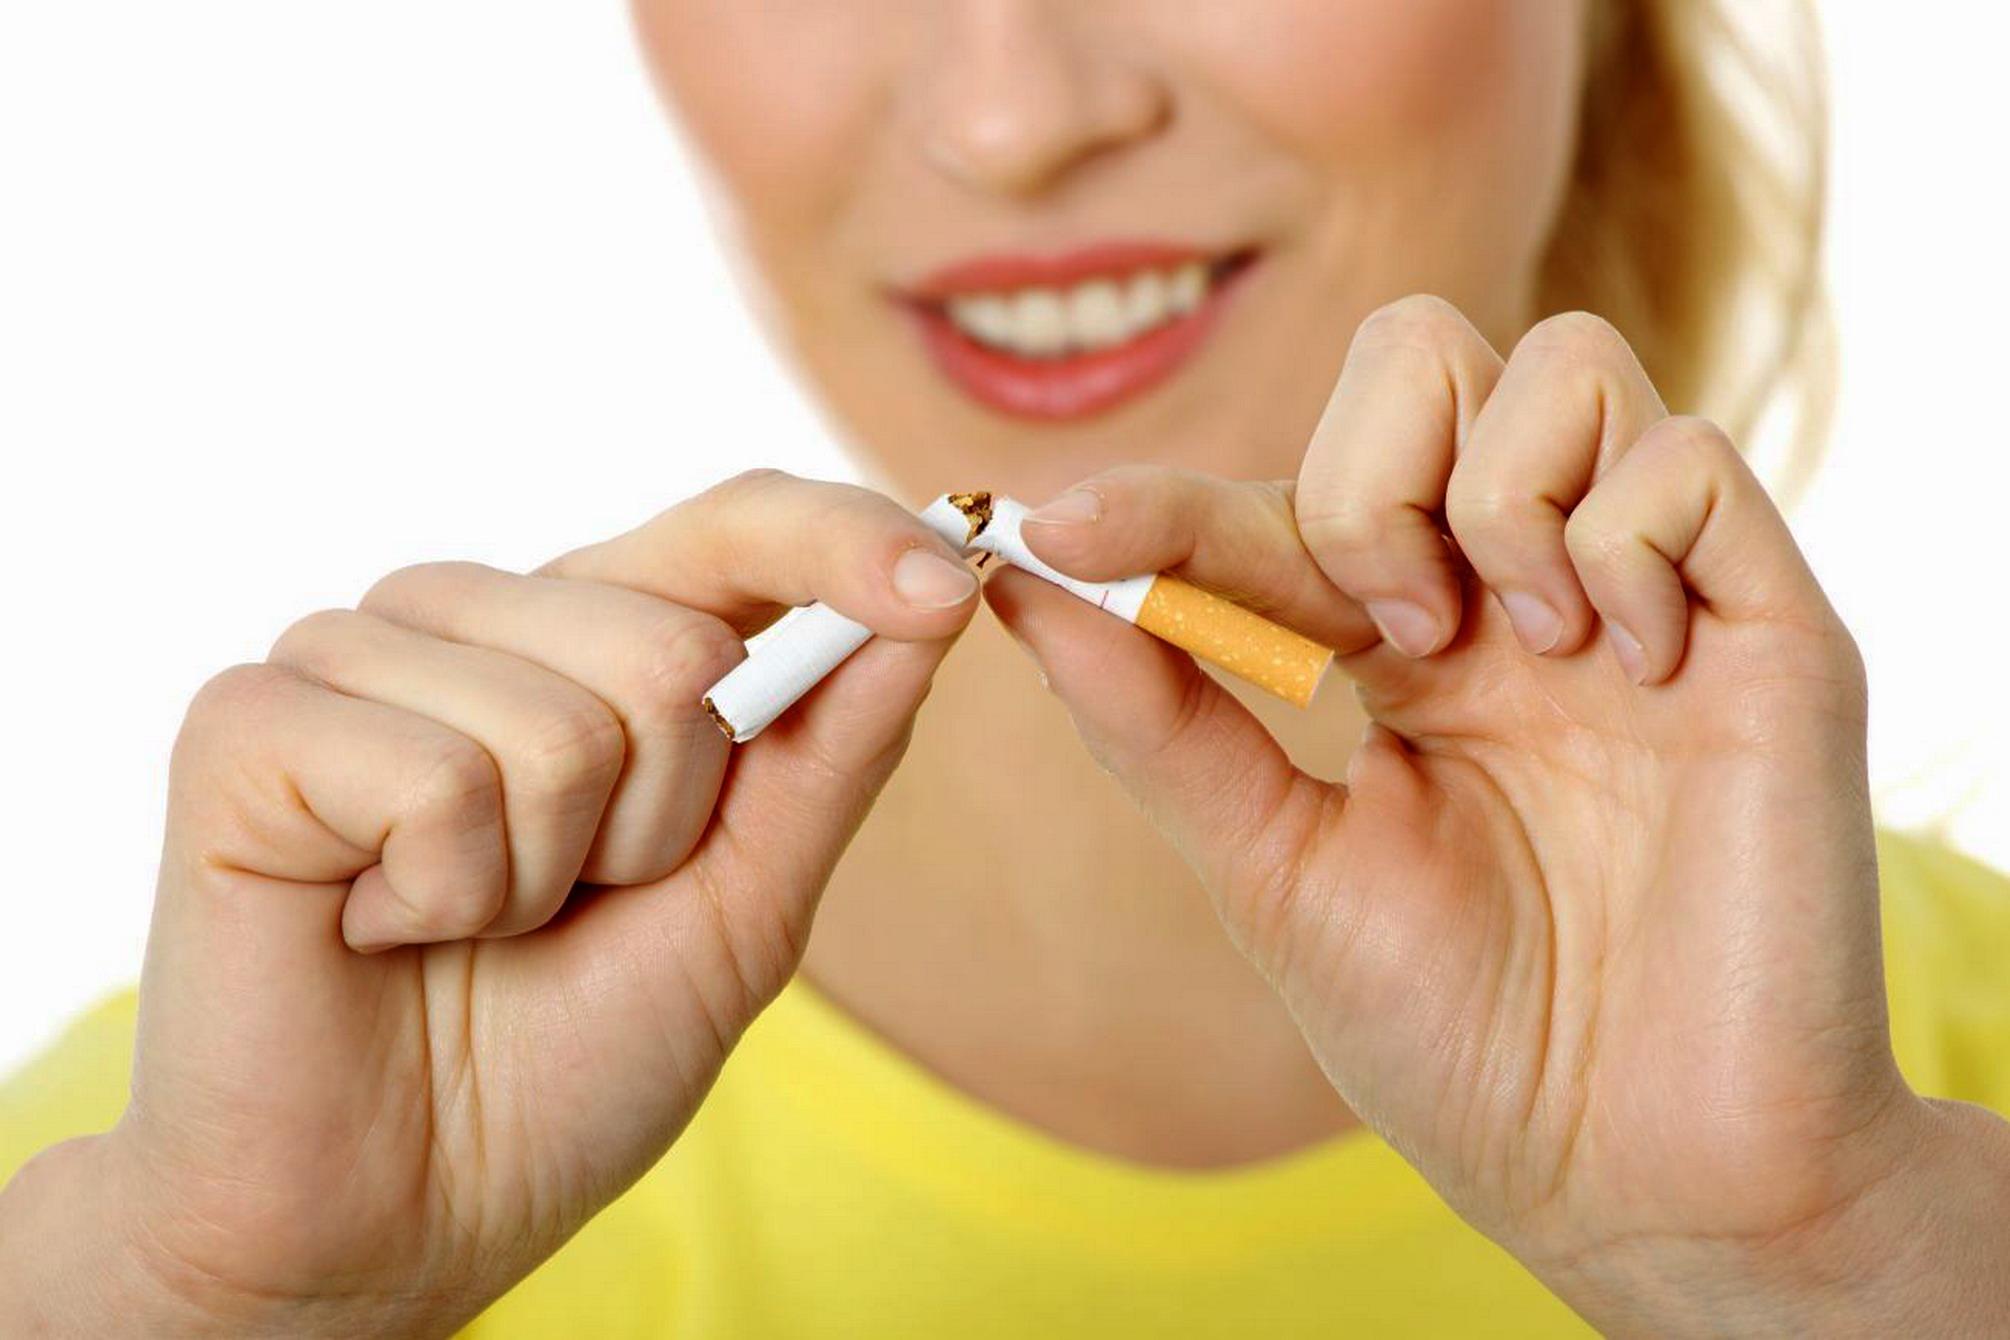 Il brigantines per smettere di fumare